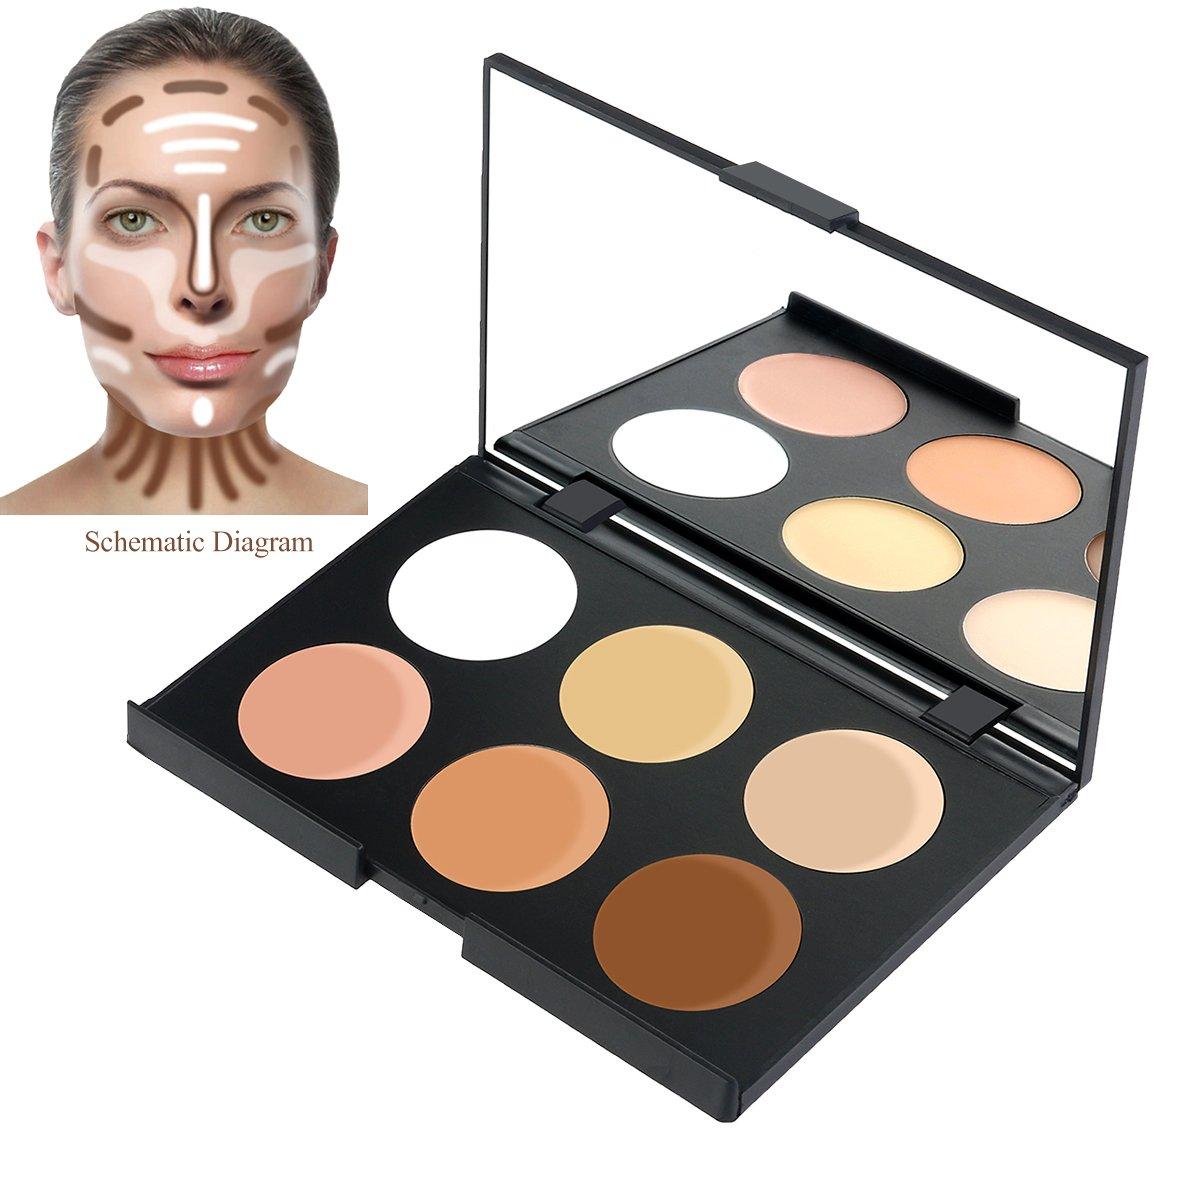 RUIMIO Contour Kit Cream Contour Palette 6 Colors with Makeup Brush Set by PIXNOR (Image #5)